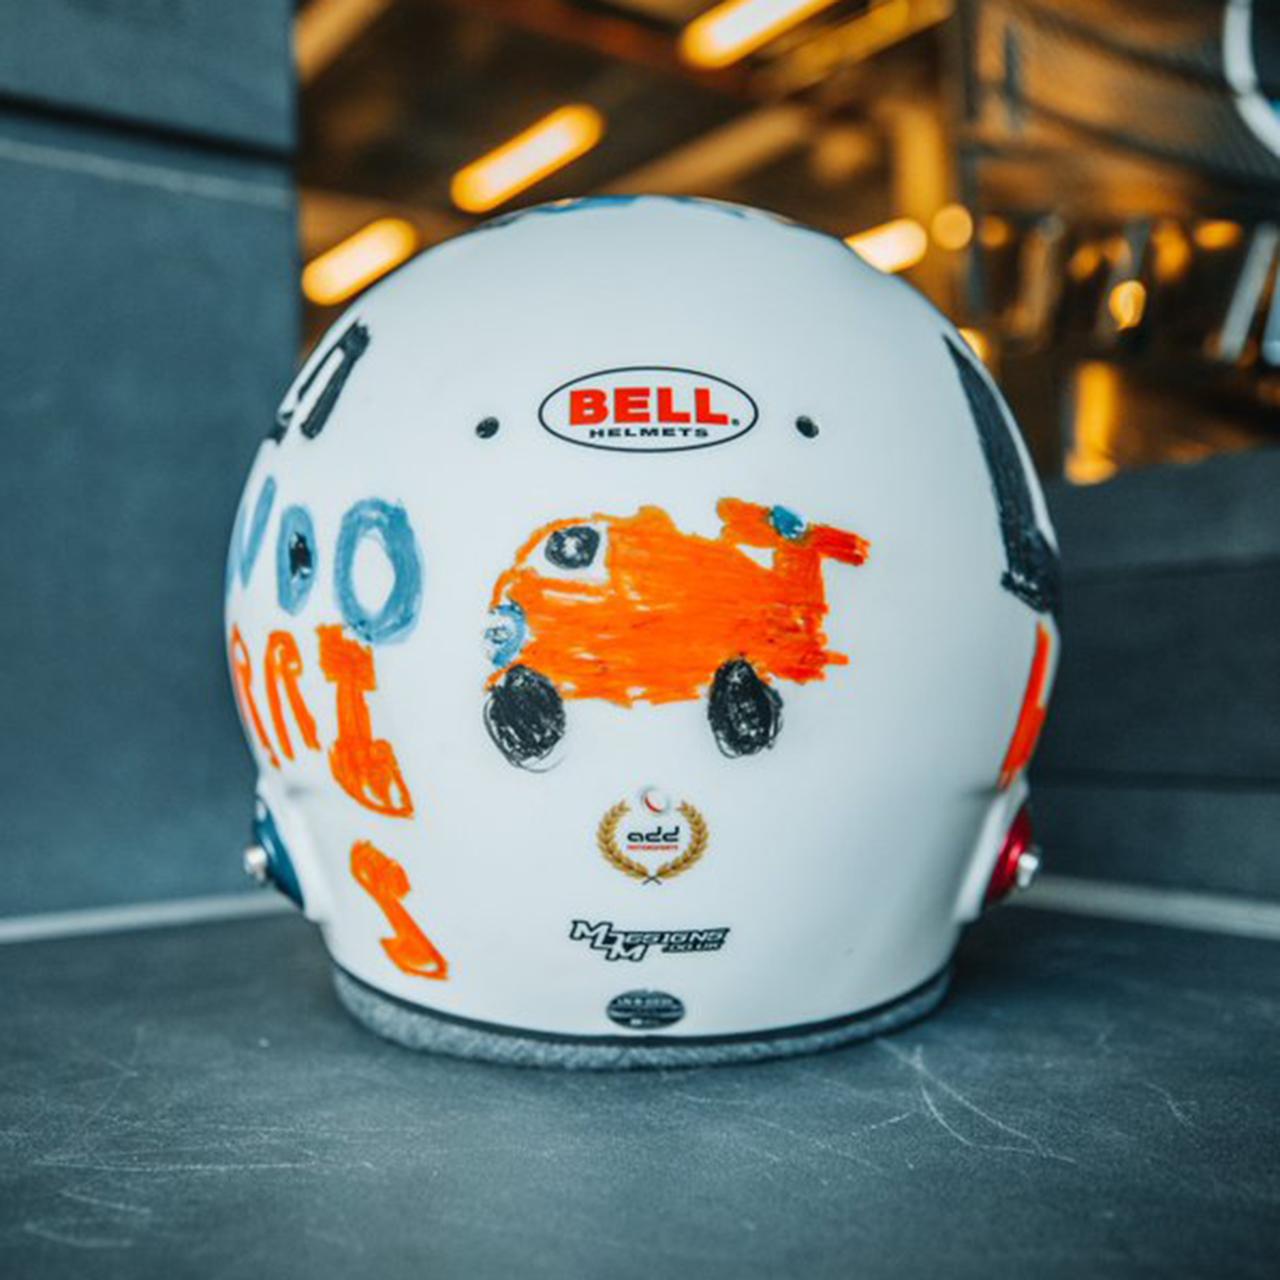 ランド・ノリス 2020年F1イギリスGP 特別ヘルメット③